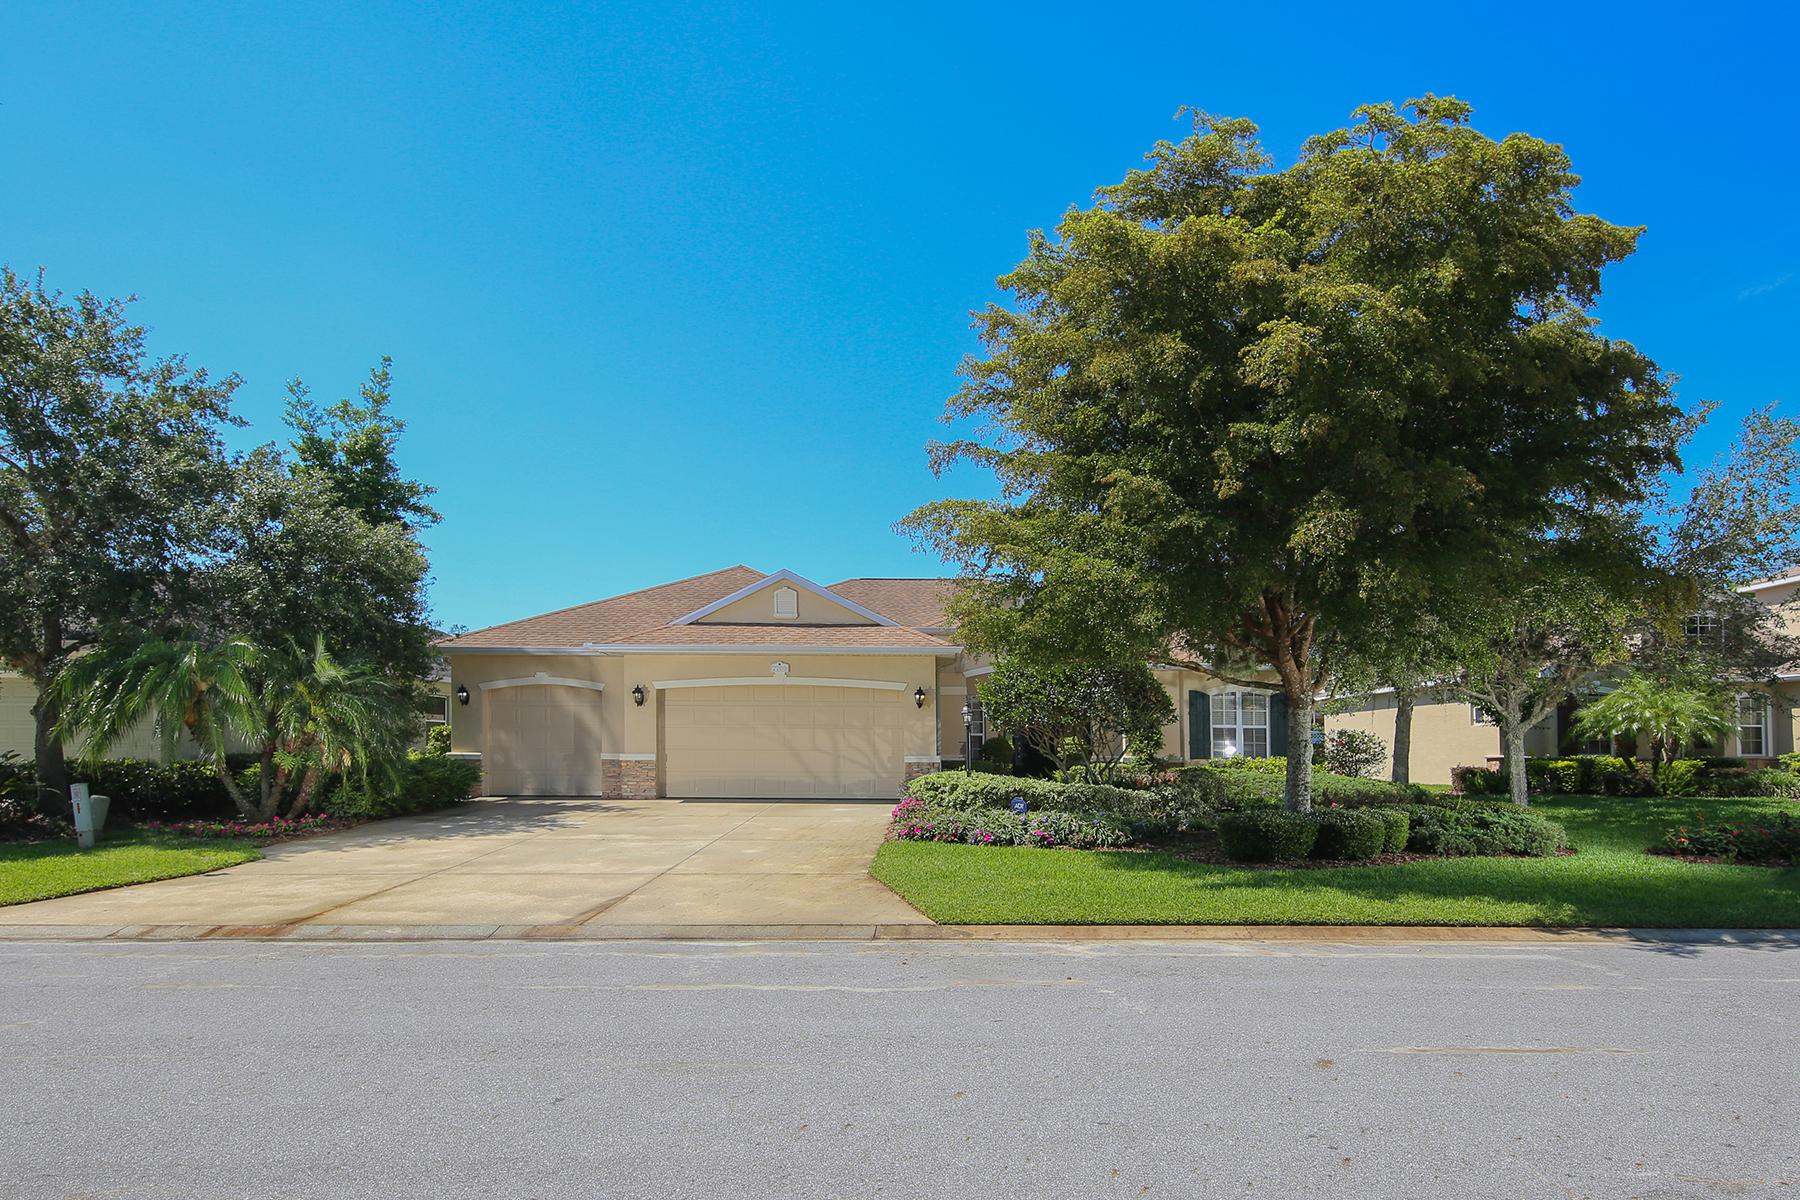 Nhà ở một gia đình vì Bán tại UNIVERSITY PLACE 7709 Edmonston Cir University Park, Florida, 34201 Hoa Kỳ